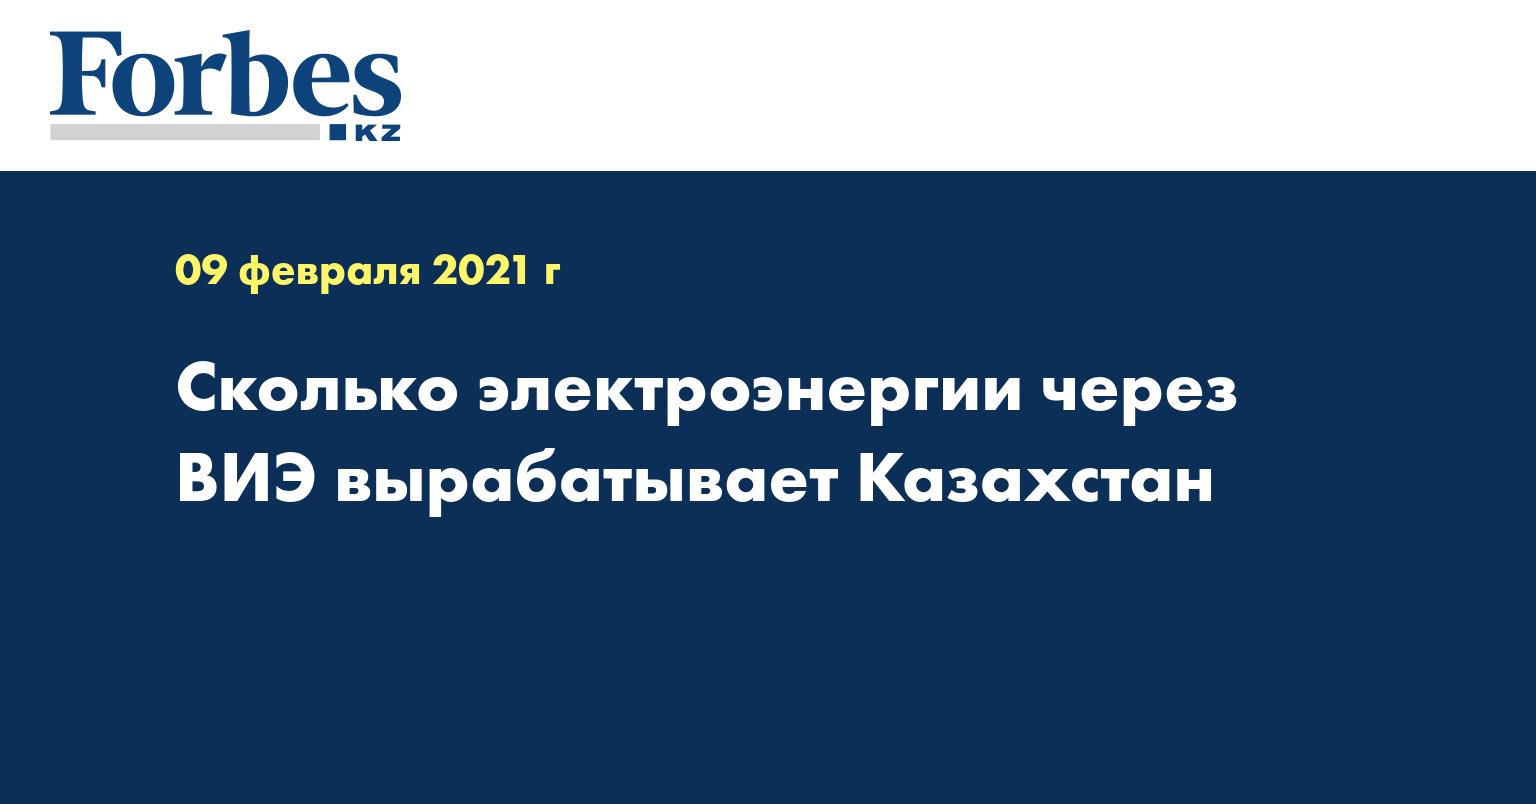 Сколько электроэнергии через ВИЭ вырабатывает Казахстан